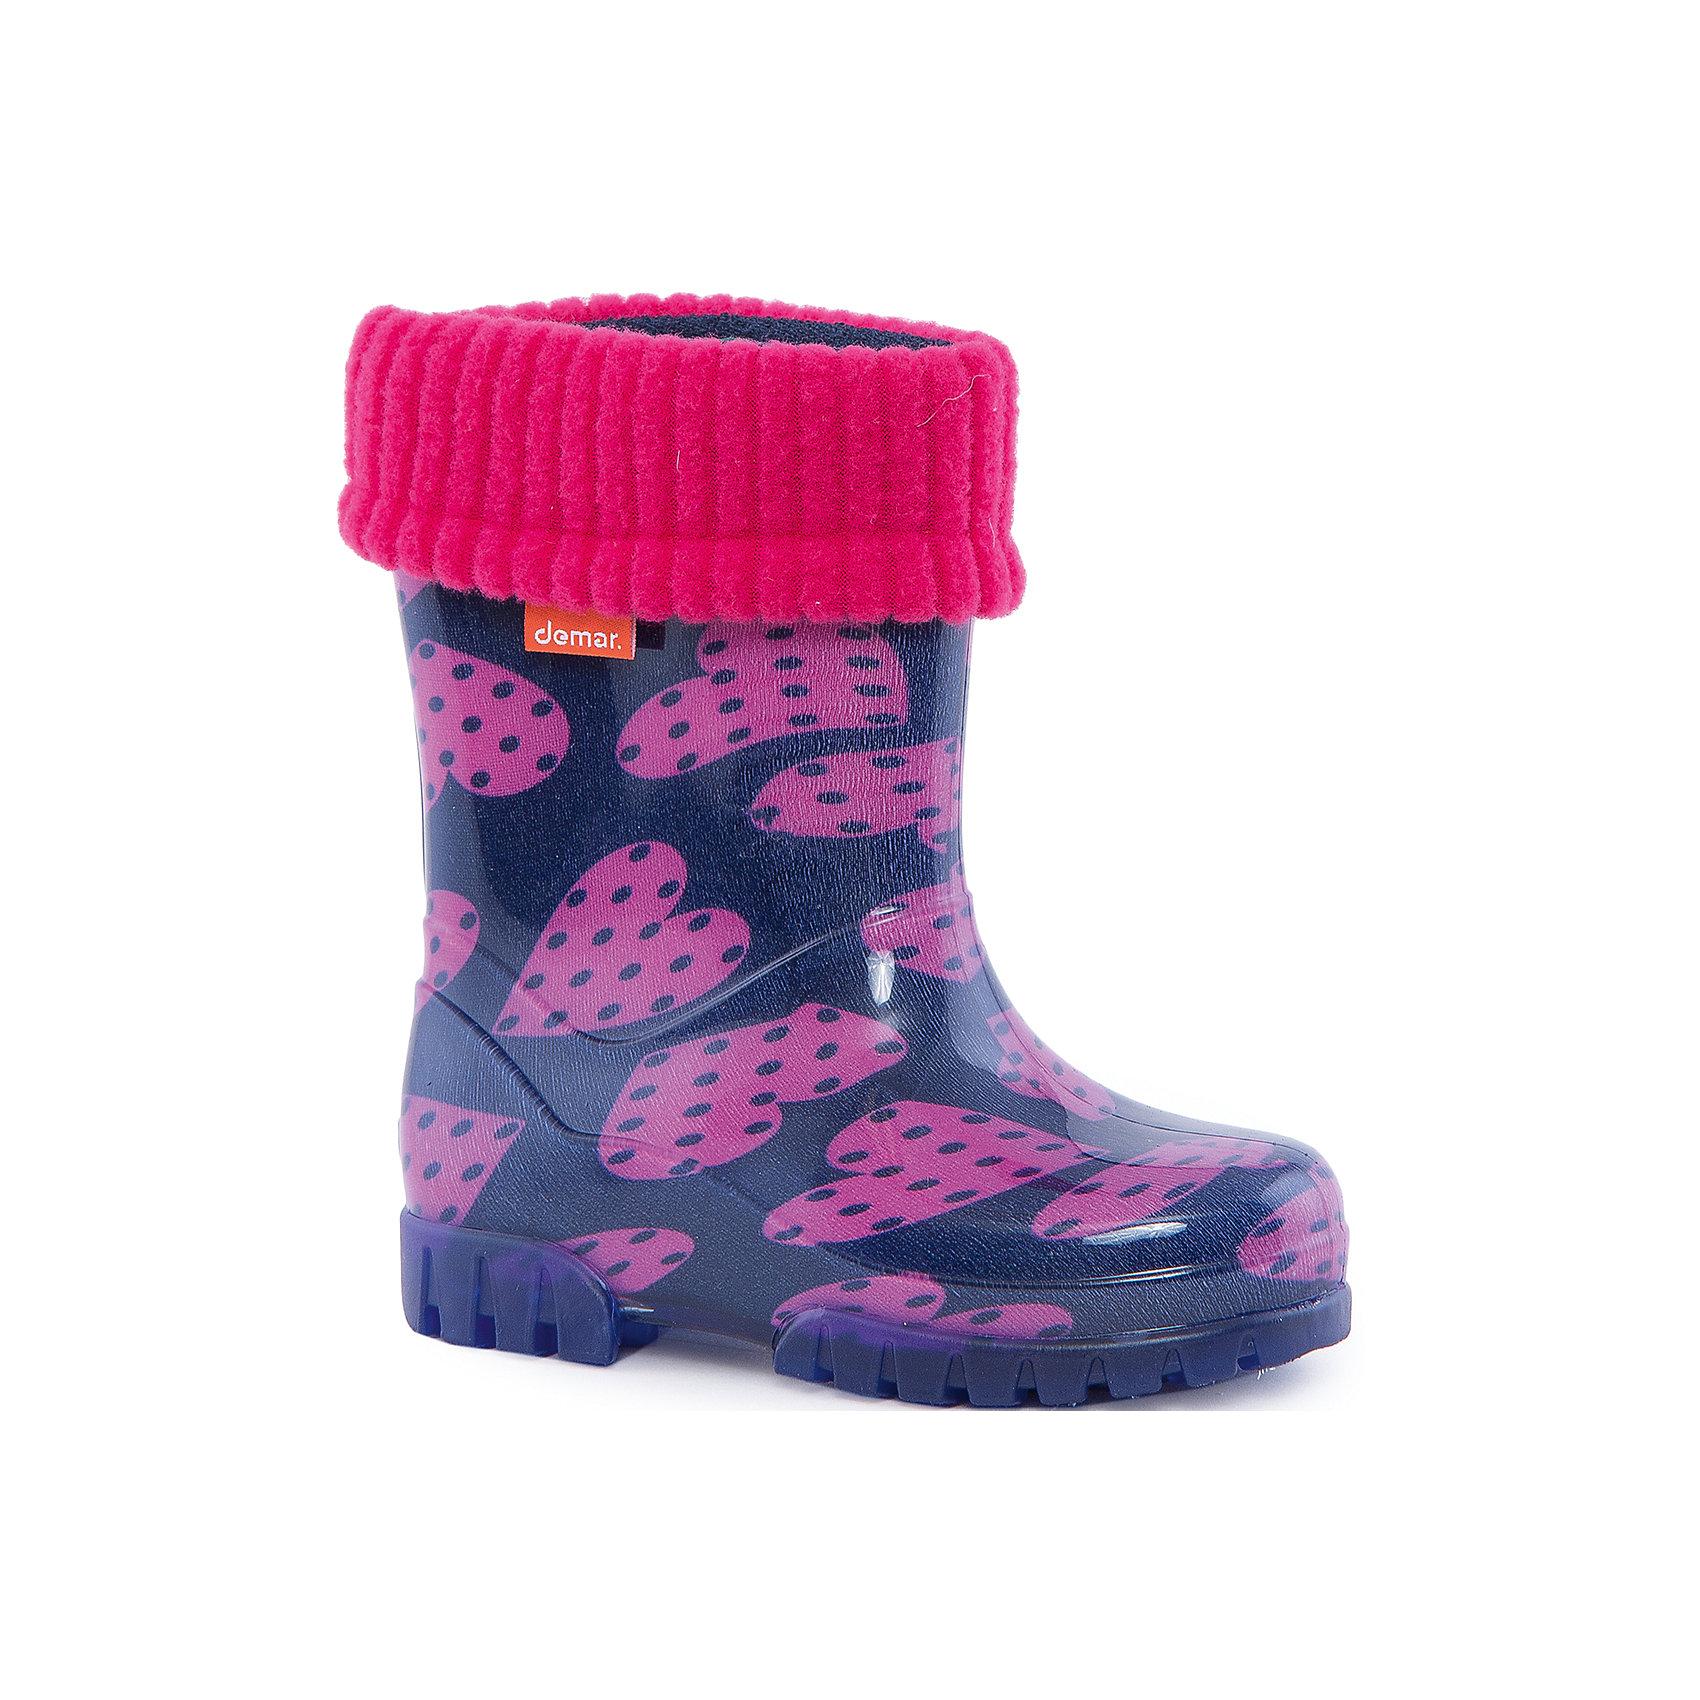 Резиновые сапоги Twister Lux Print для девочки DEMARХарактеристики товара:<br><br>• цвет: фиолетовый<br>• материал верха: ПВХ<br>• материал подкладки: текстиль <br>• материал подошвы: ПВХ<br>• температурный режим: от 0° до +15° С<br>• верх не продувается<br>• съемный чулок<br>• стильный дизайн<br>• страна бренда: Польша<br>• страна изготовитель: Польша<br><br>Осенью и весной ребенку не обойтись без непромокаемых сапожек! Чтобы не пропустить главные удовольствия межсезонья, нужно запастись удобной обувью. Такие сапожки обеспечат ребенку необходимый для активного отдыха комфорт, а подкладка из текстиля позволит ножкам оставаться теплыми. Сапожки легко надеваются и снимаются, отлично сидят на ноге. Они удивительно легкие!<br>Обувь от польского бренда Demar - это качественные товары, созданные с применением новейших технологий и с использованием как натуральных, так и высокотехнологичных материалов. Обувь отличается стильным дизайном и продуманной конструкцией. Изделие производится из качественных и проверенных материалов, которые безопасны для детей.<br><br>Сапожки от бренда Demar (Демар) можно купить в нашем интернет-магазине.<br><br>Ширина мм: 237<br>Глубина мм: 180<br>Высота мм: 152<br>Вес г: 438<br>Цвет: разноцветный<br>Возраст от месяцев: 15<br>Возраст до месяцев: 18<br>Пол: Женский<br>Возраст: Детский<br>Размер: 24/25,22/23,26/27<br>SKU: 4576080